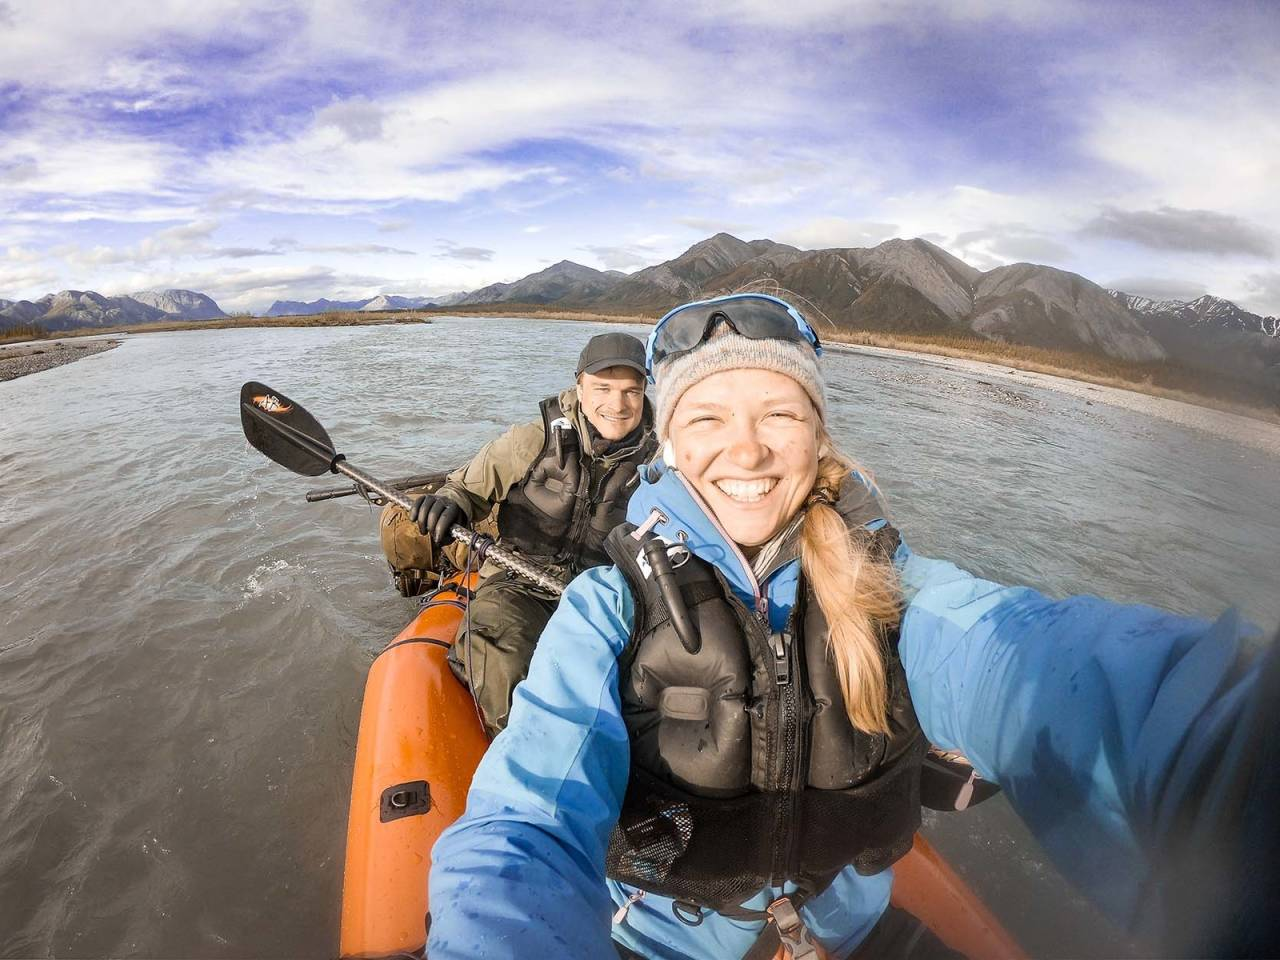 KANDIDAT 1: Even Augdal og Kristina Lund Leivestad, her med packraft på elva East Fork Chandalar.